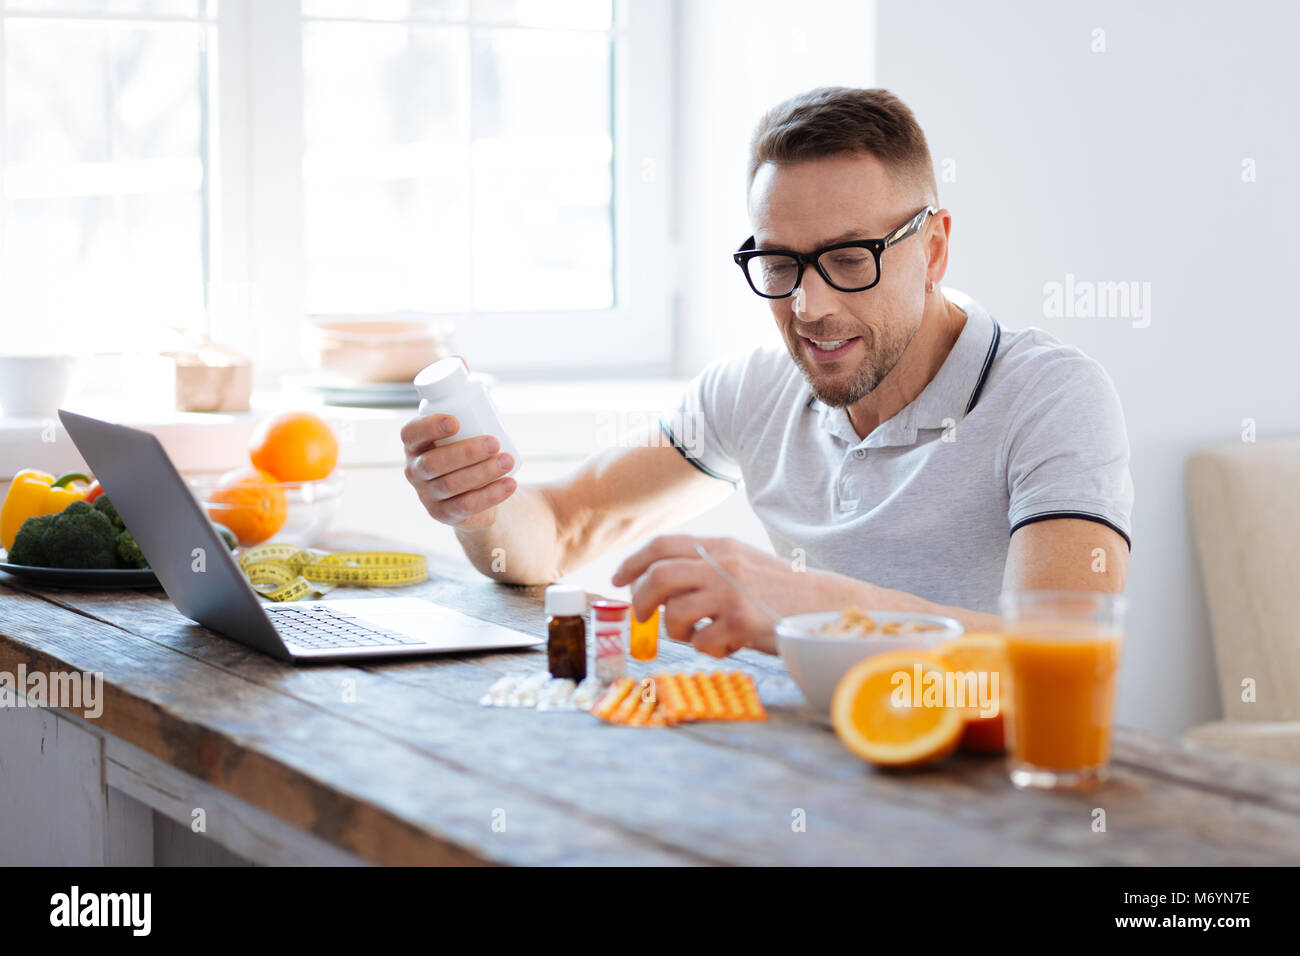 Affascinante mtramite l uomo studiando biohacking supplementi Immagini Stock